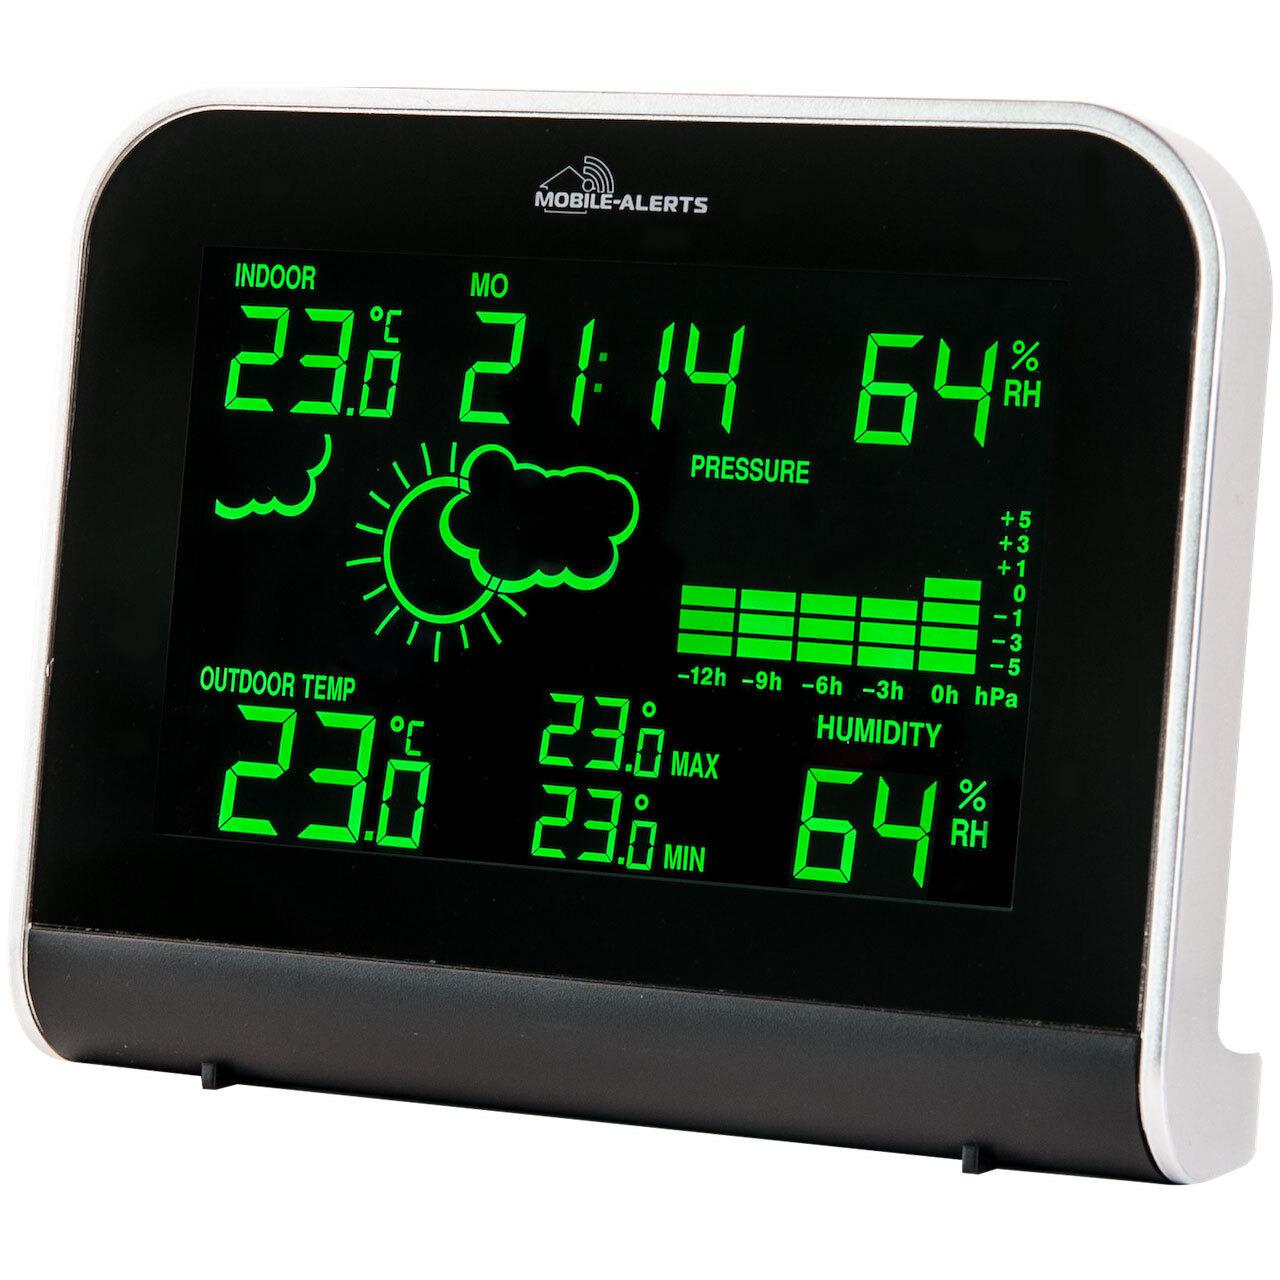 Mobile Alerts RGB-Wetterstation MA10920 inkl- Aussensensor- kompatibel mit Mobile Alerts System